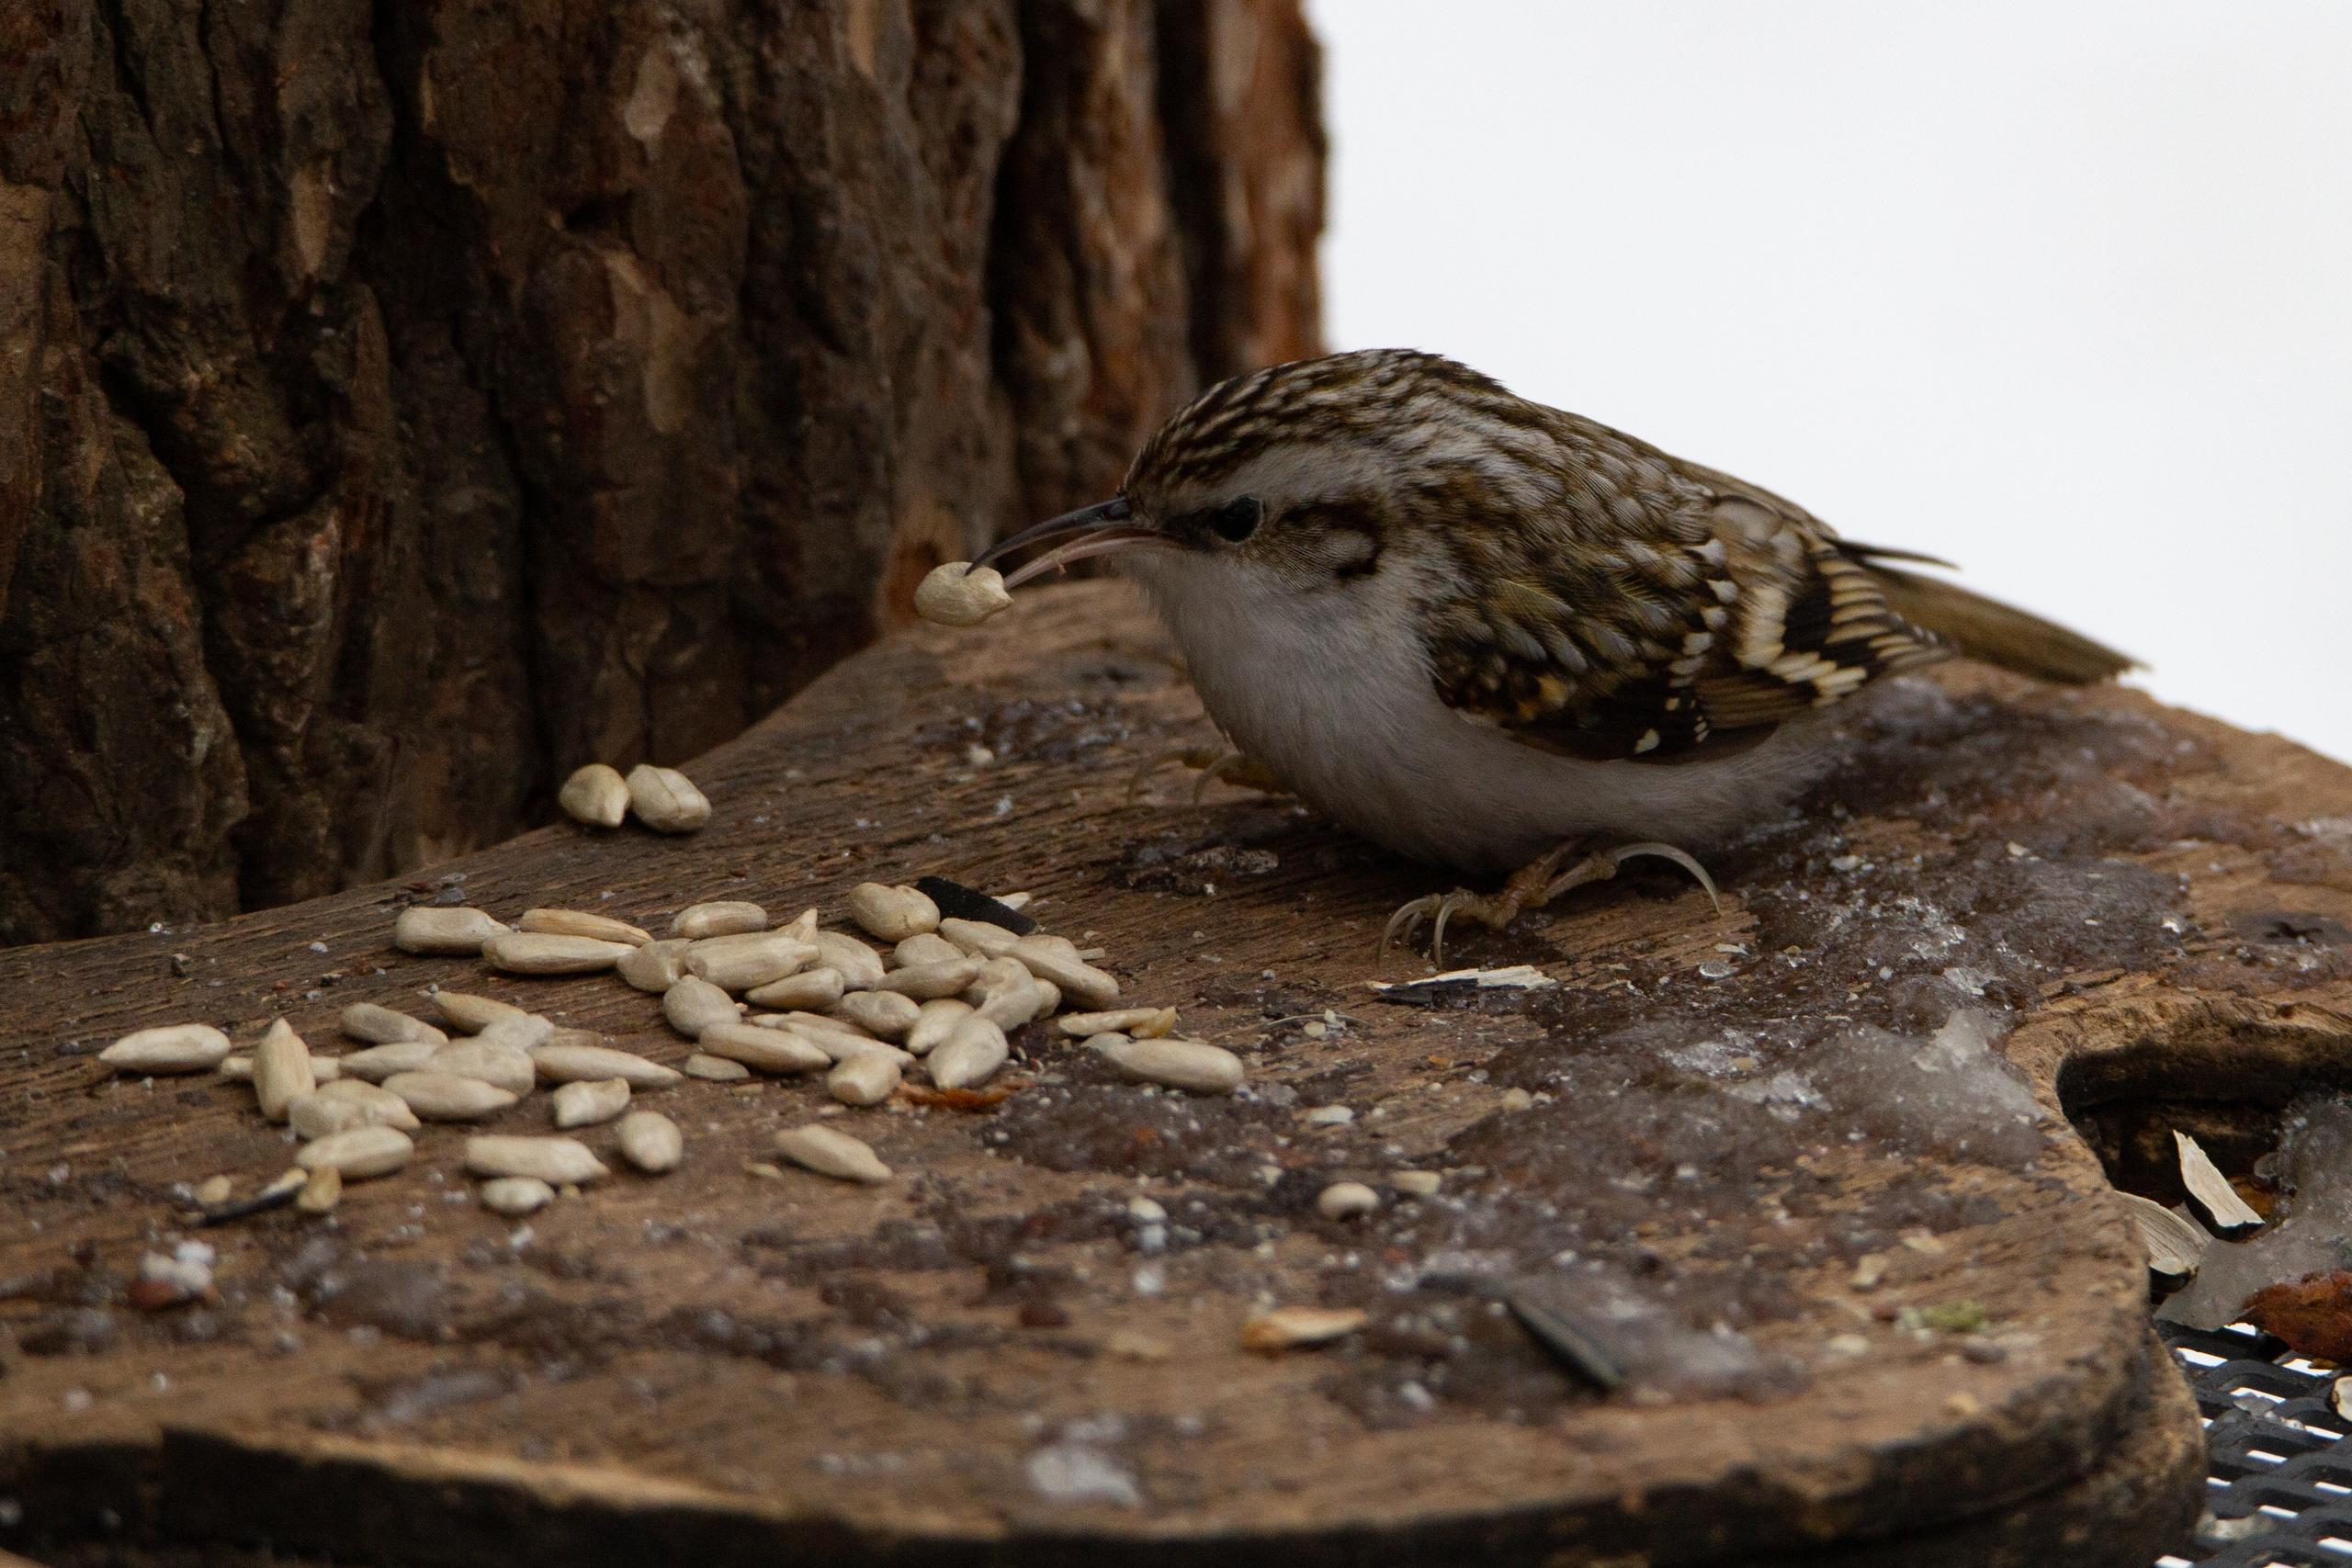 фамилия фамилия серая птичка с длинным клювом фото нужно сделать, чтобы